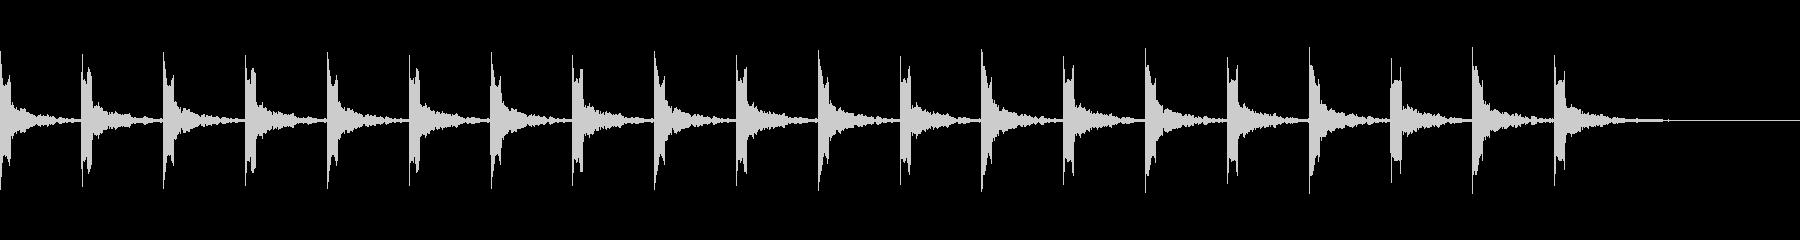 カウント20秒シンプル ピッピ の未再生の波形